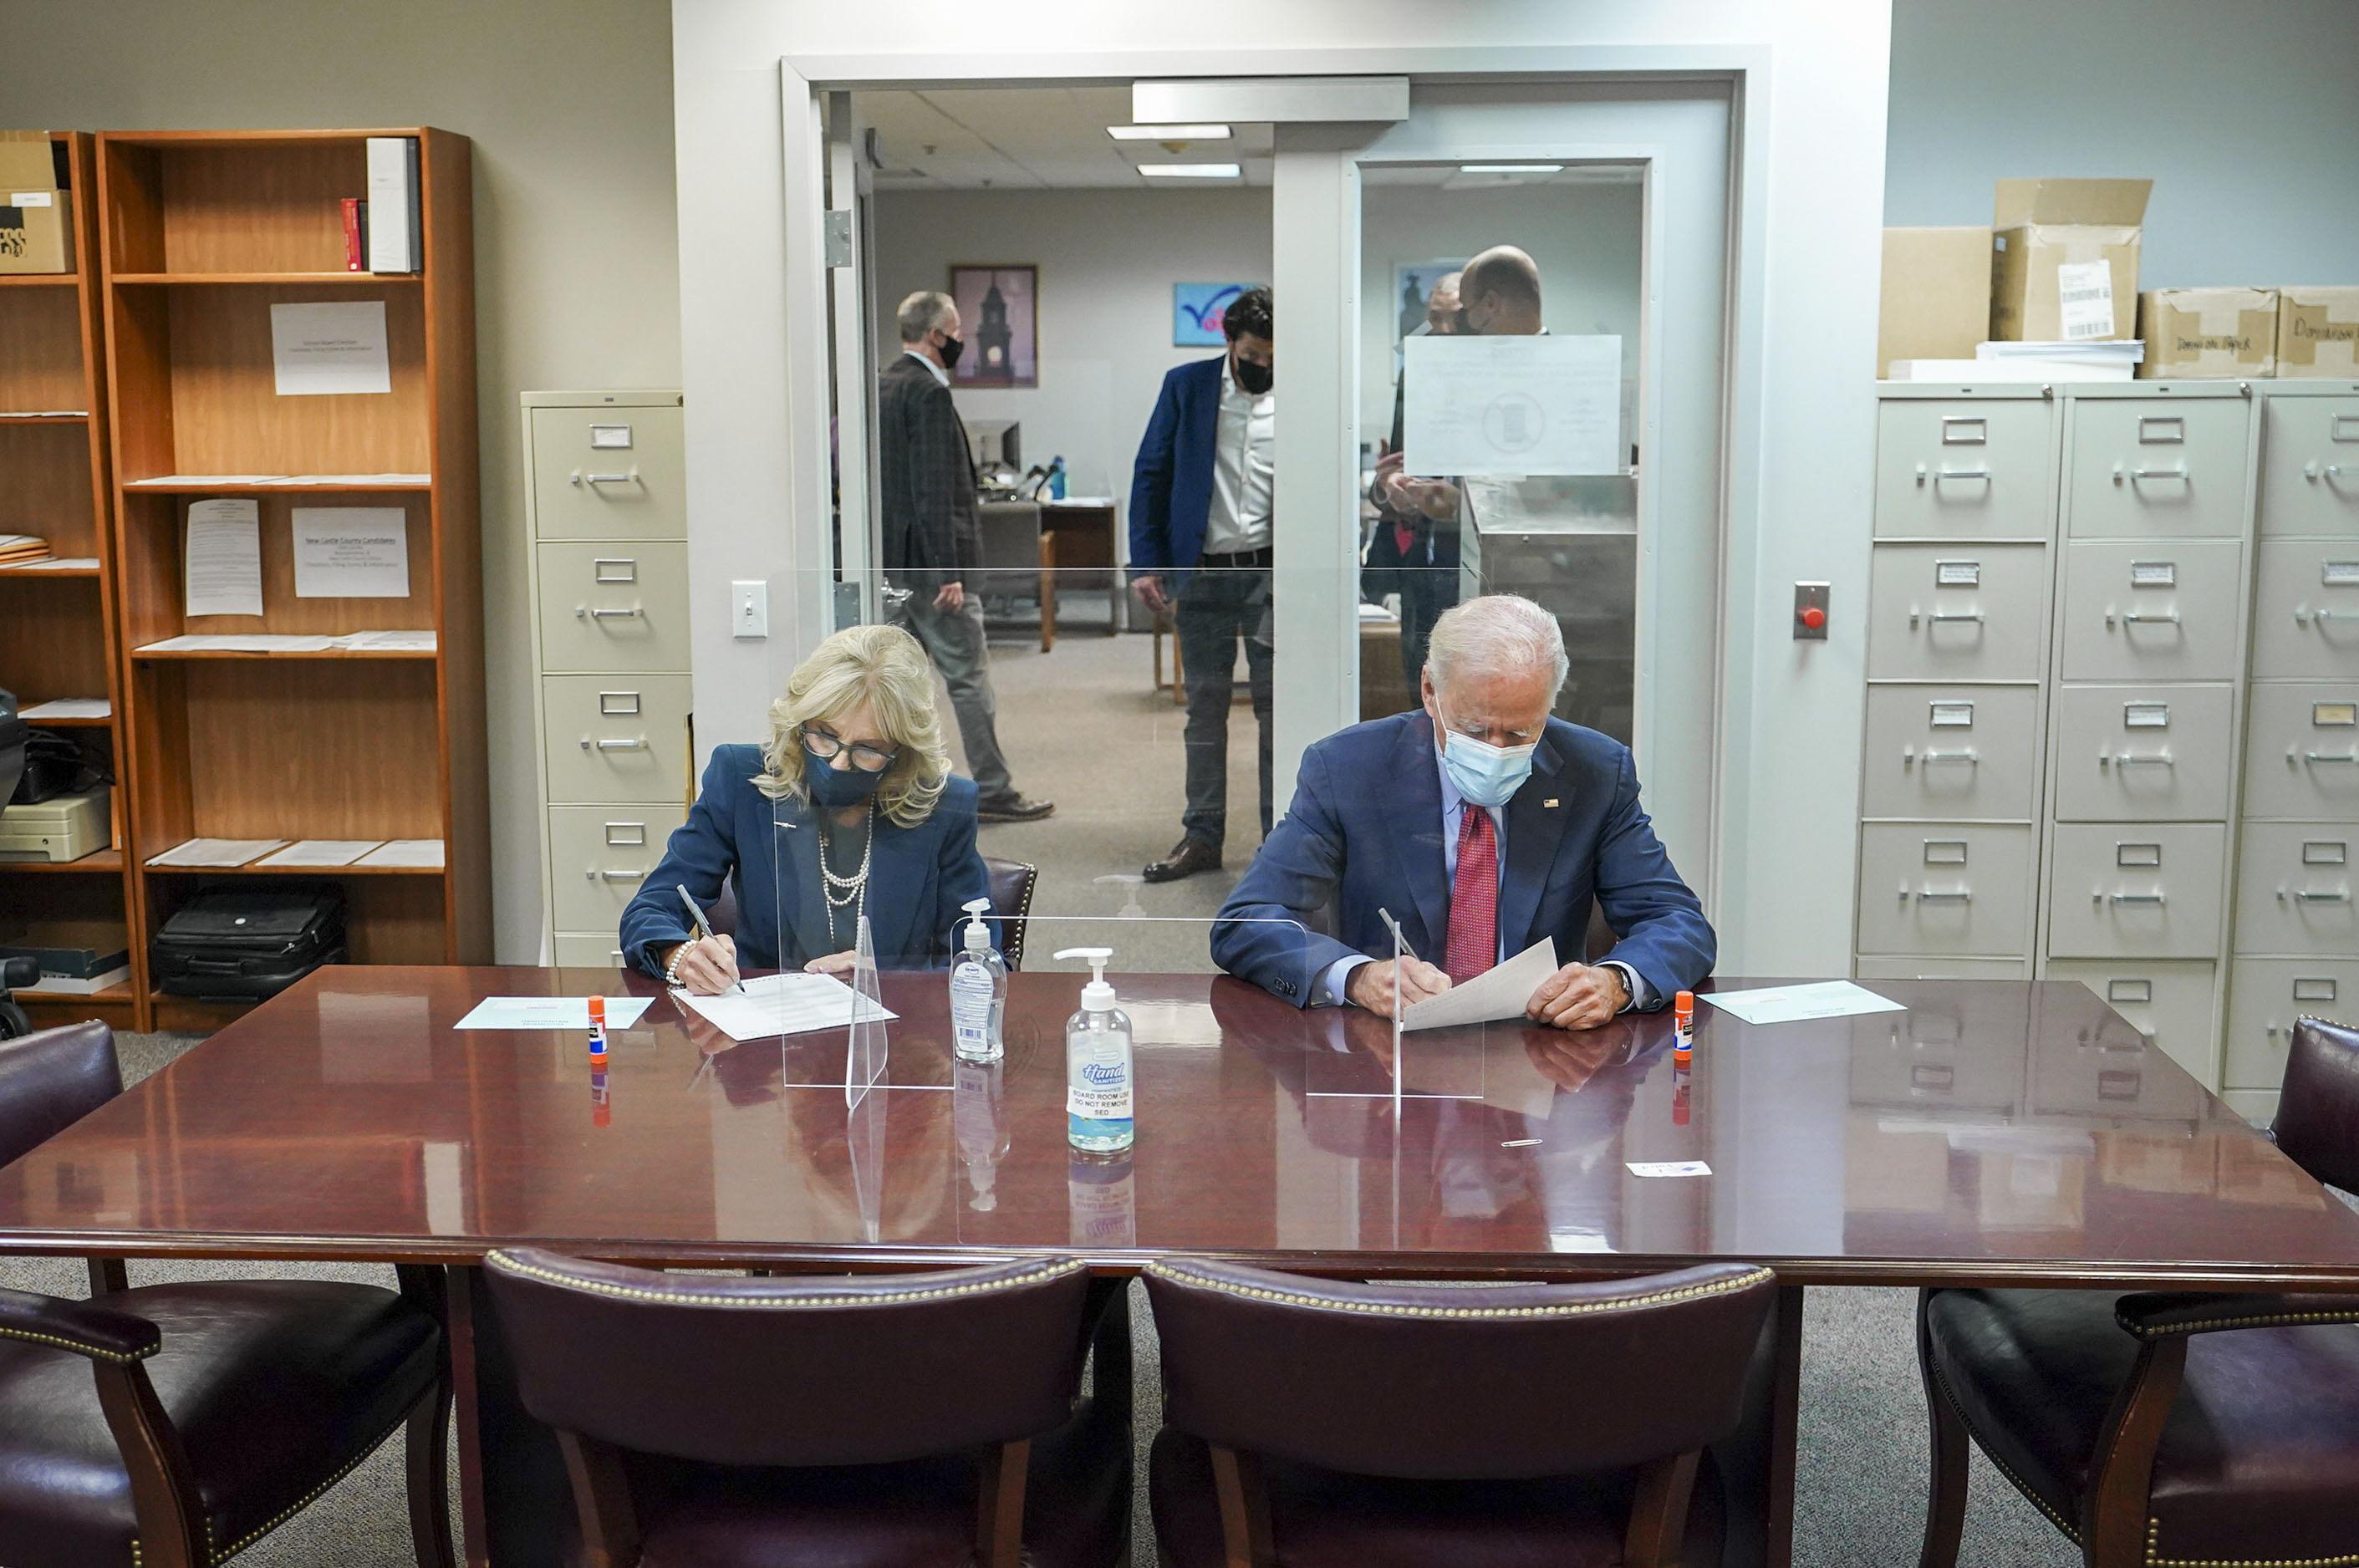 民主黨總統候選人拜登和妻子在家鄉德拉瓦州提前投票,表示希望勝選,改善美國老百姓的處境。    推特圖片